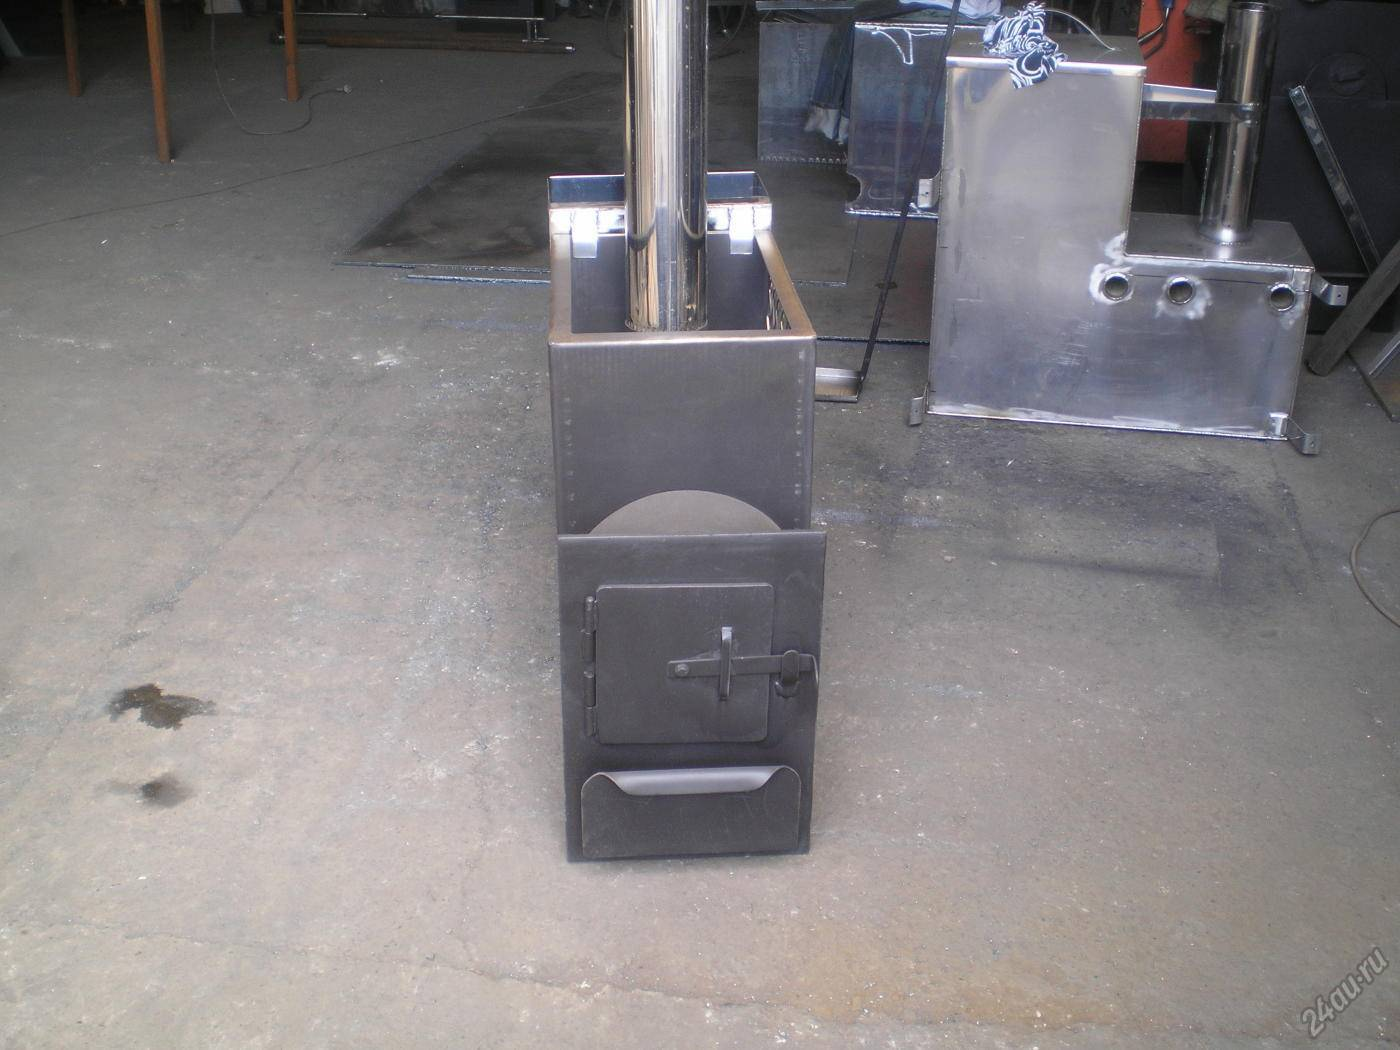 Трубы для бани: печные трубы из нержавейки, кирпича, черного металла и керамические дымоходы в бане